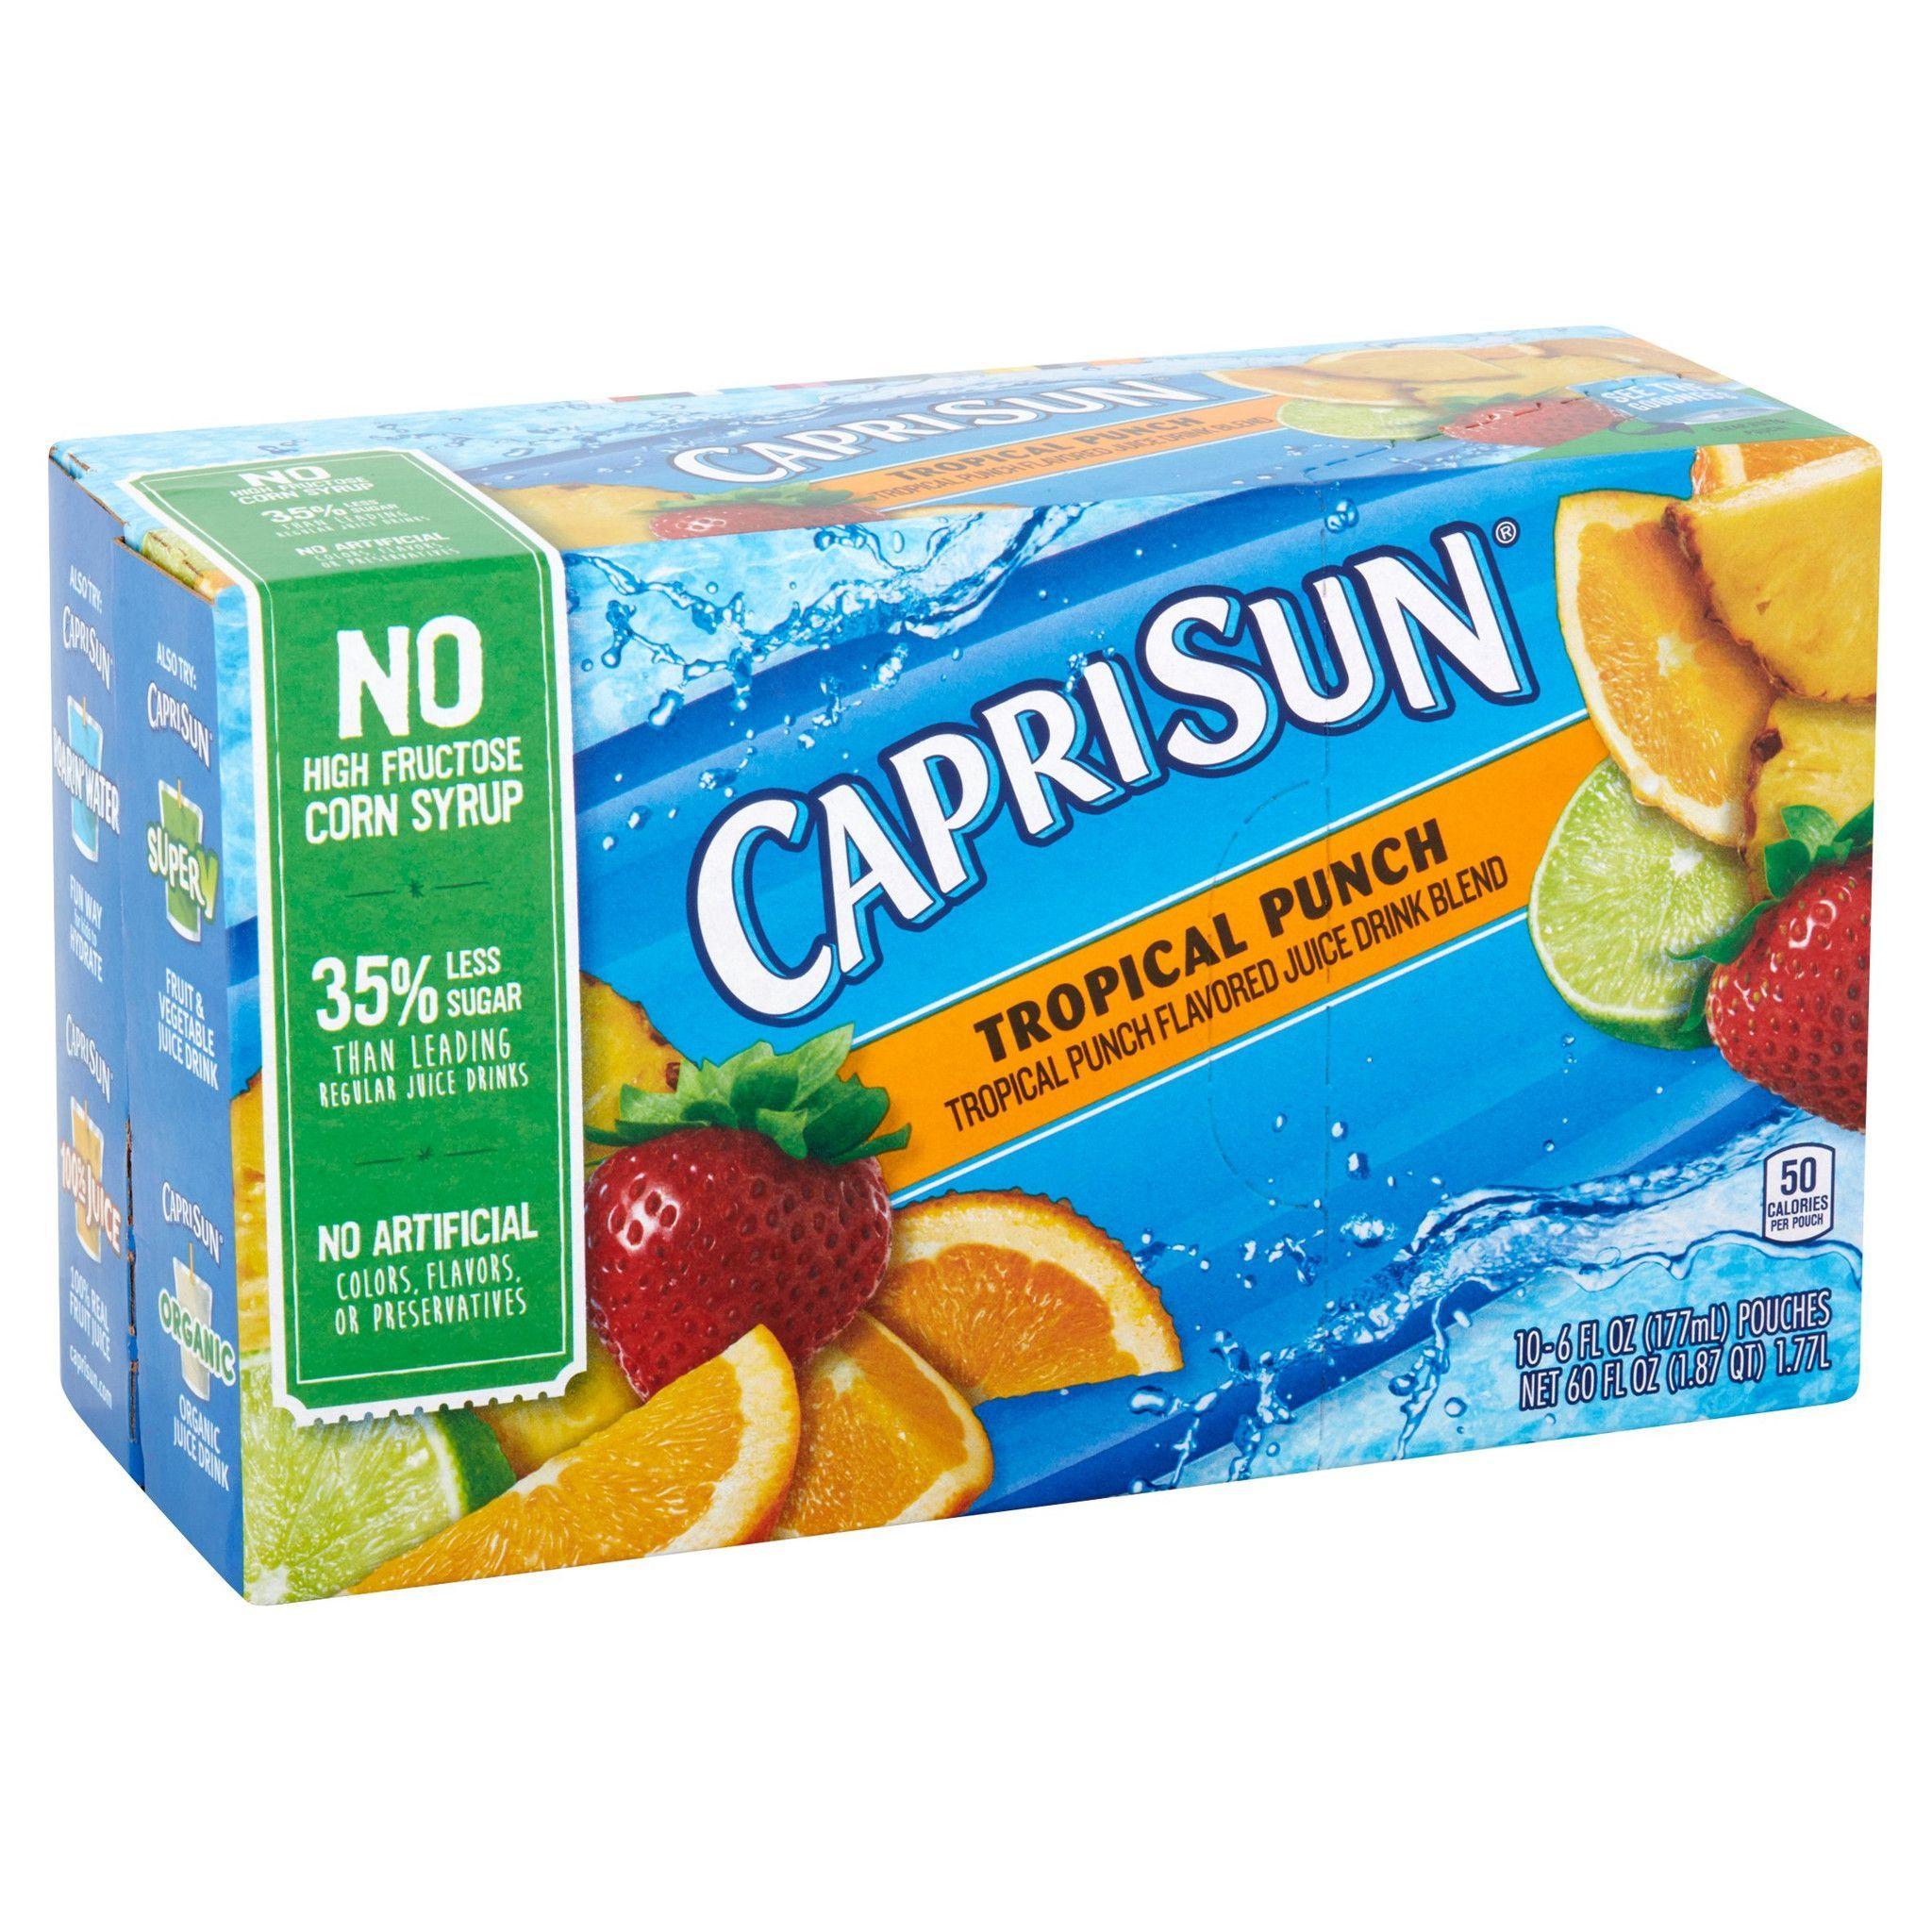 Capri Sun Tropical Punch Juice Drink Blend, 10 count, 60 FL OZ ...